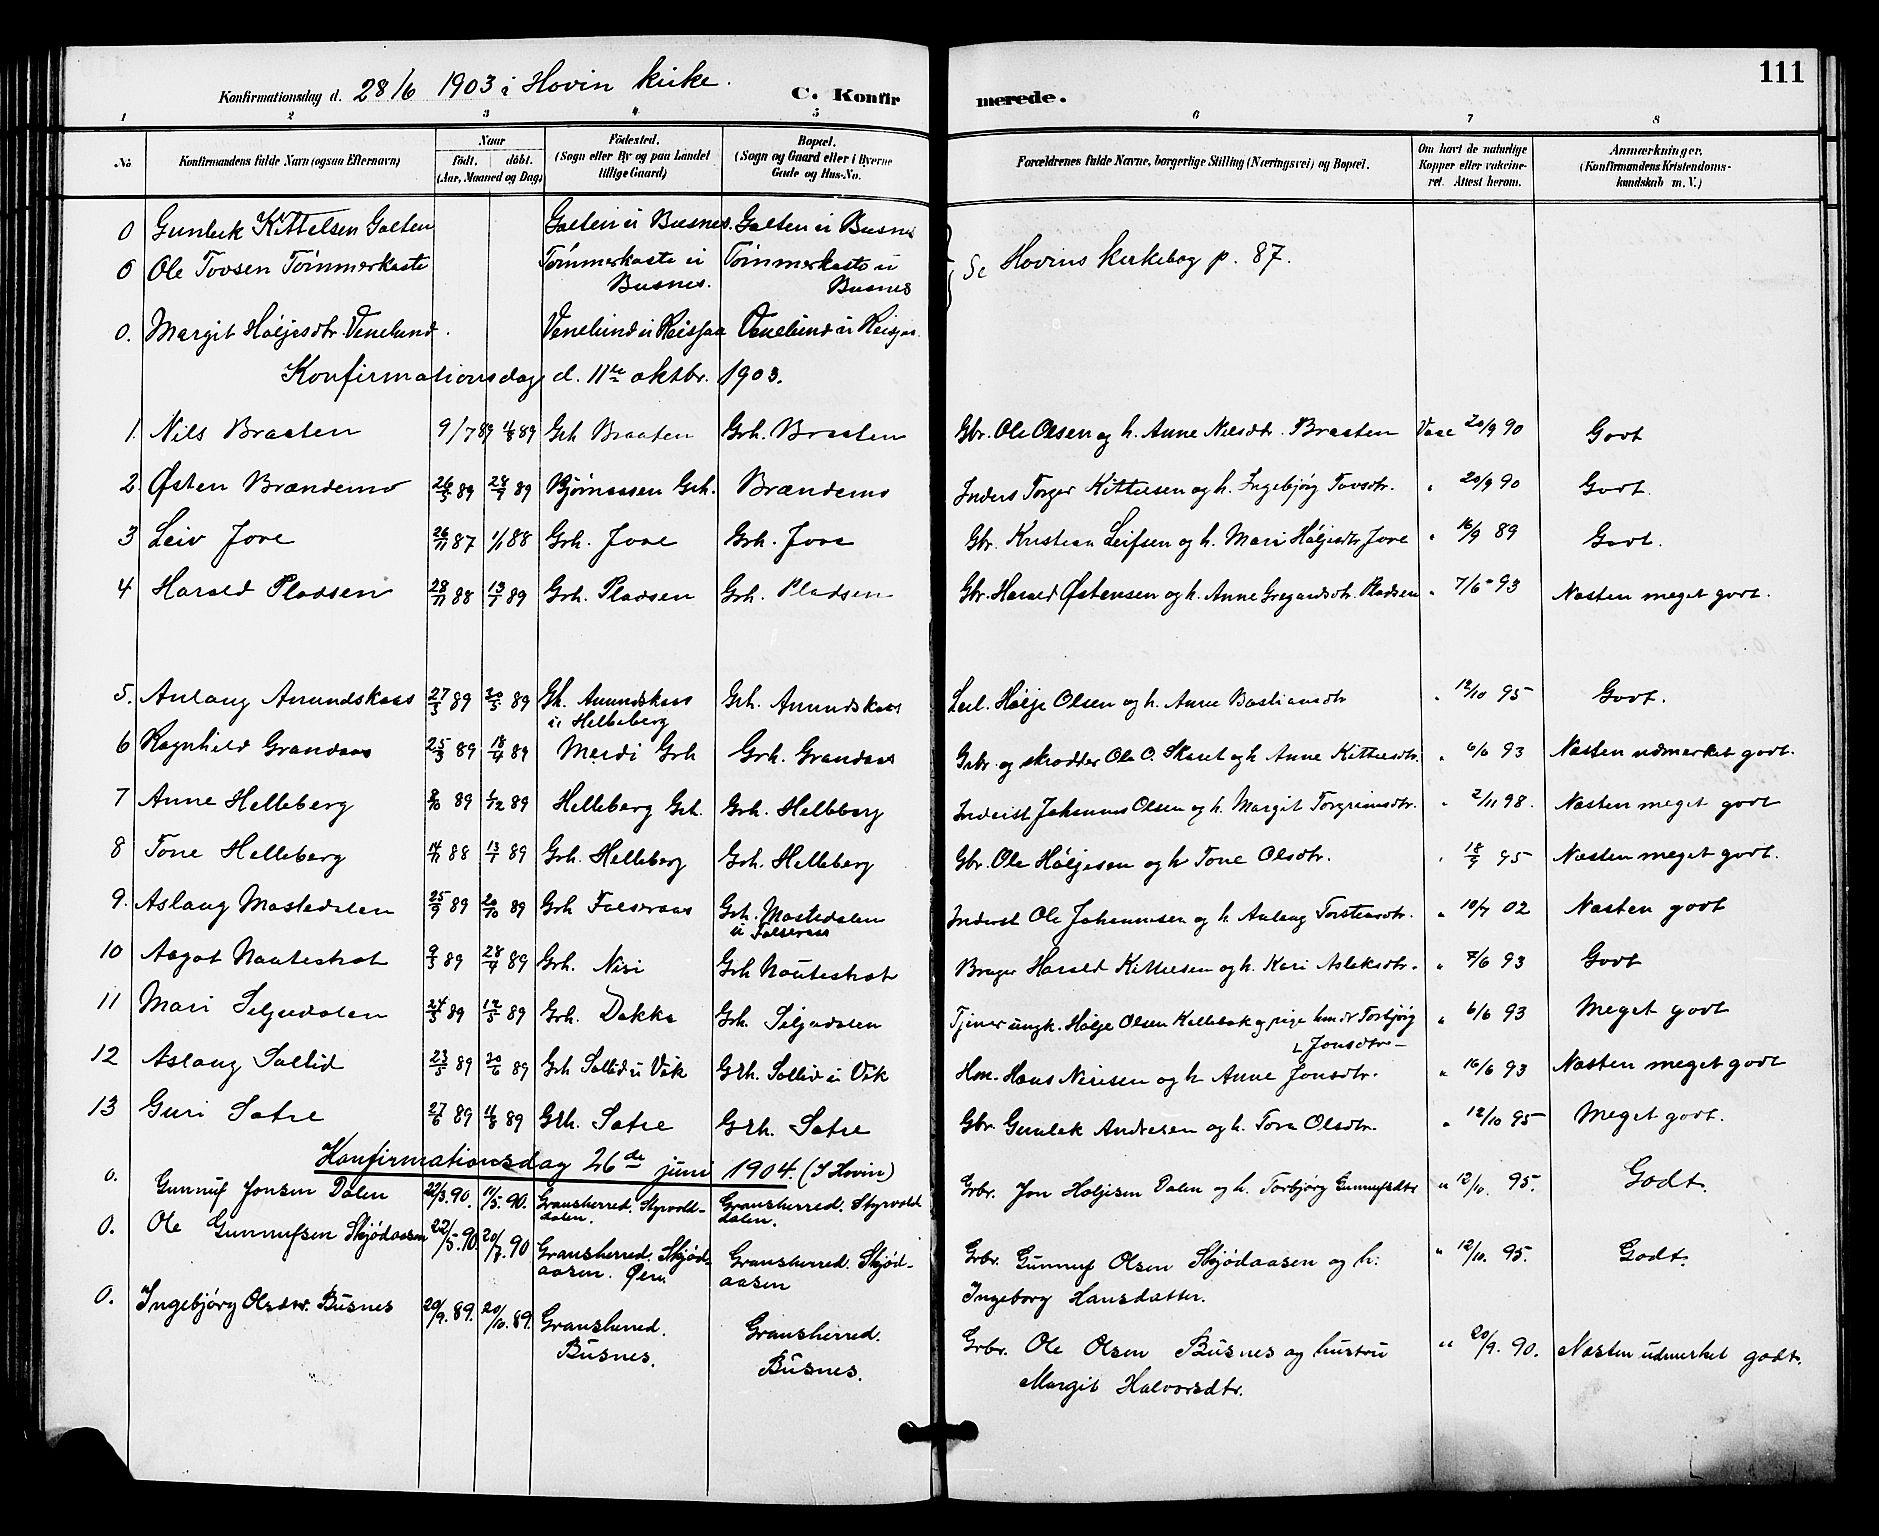 SAKO, Gransherad kirkebøker, G/Ga/L0003: Klokkerbok nr. I 3, 1887-1915, s. 111